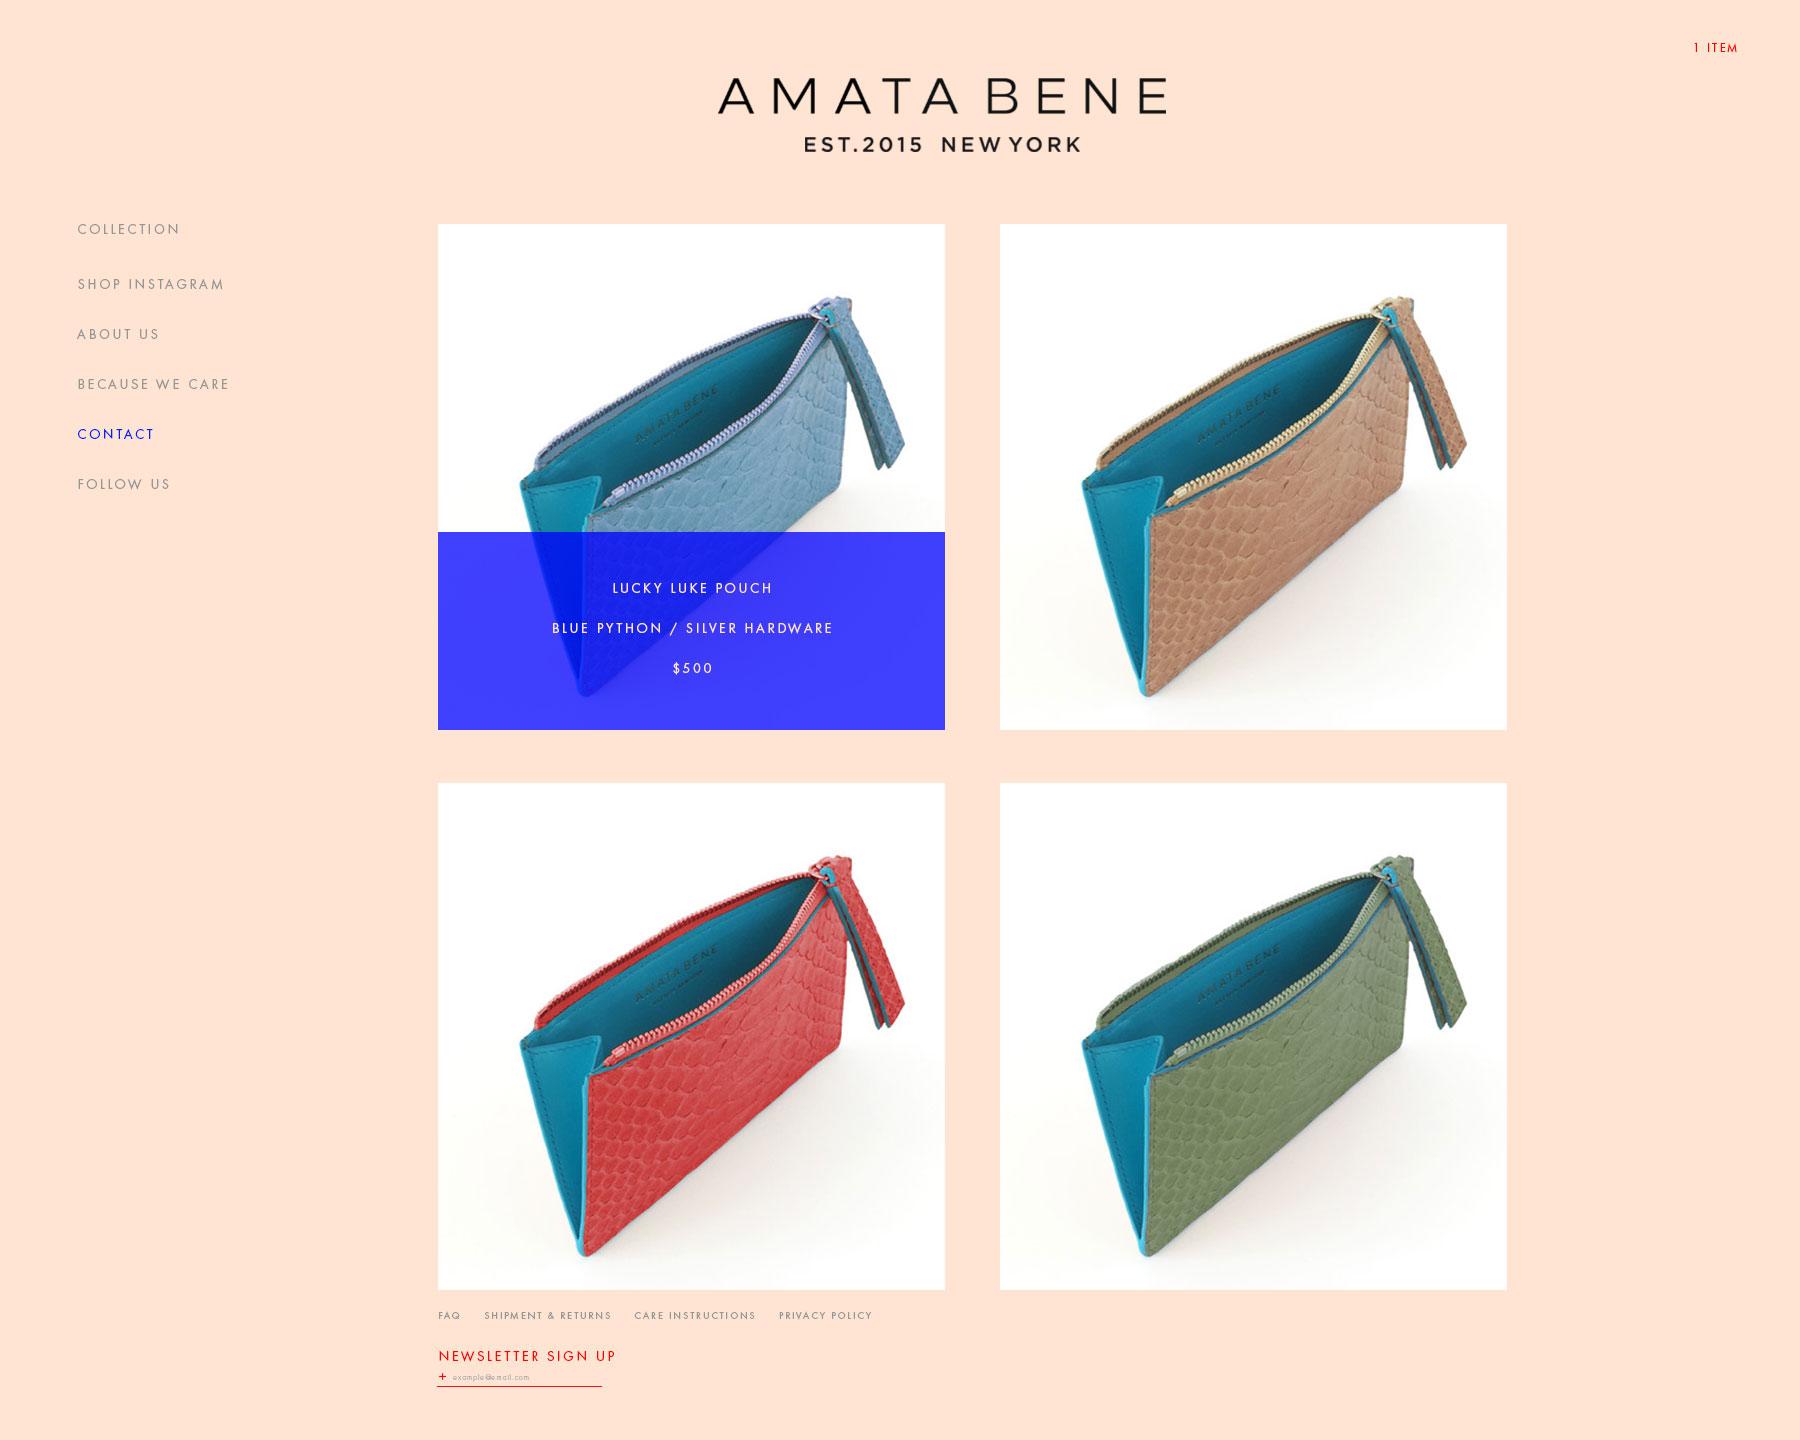 2AmataBene_product2.jpg